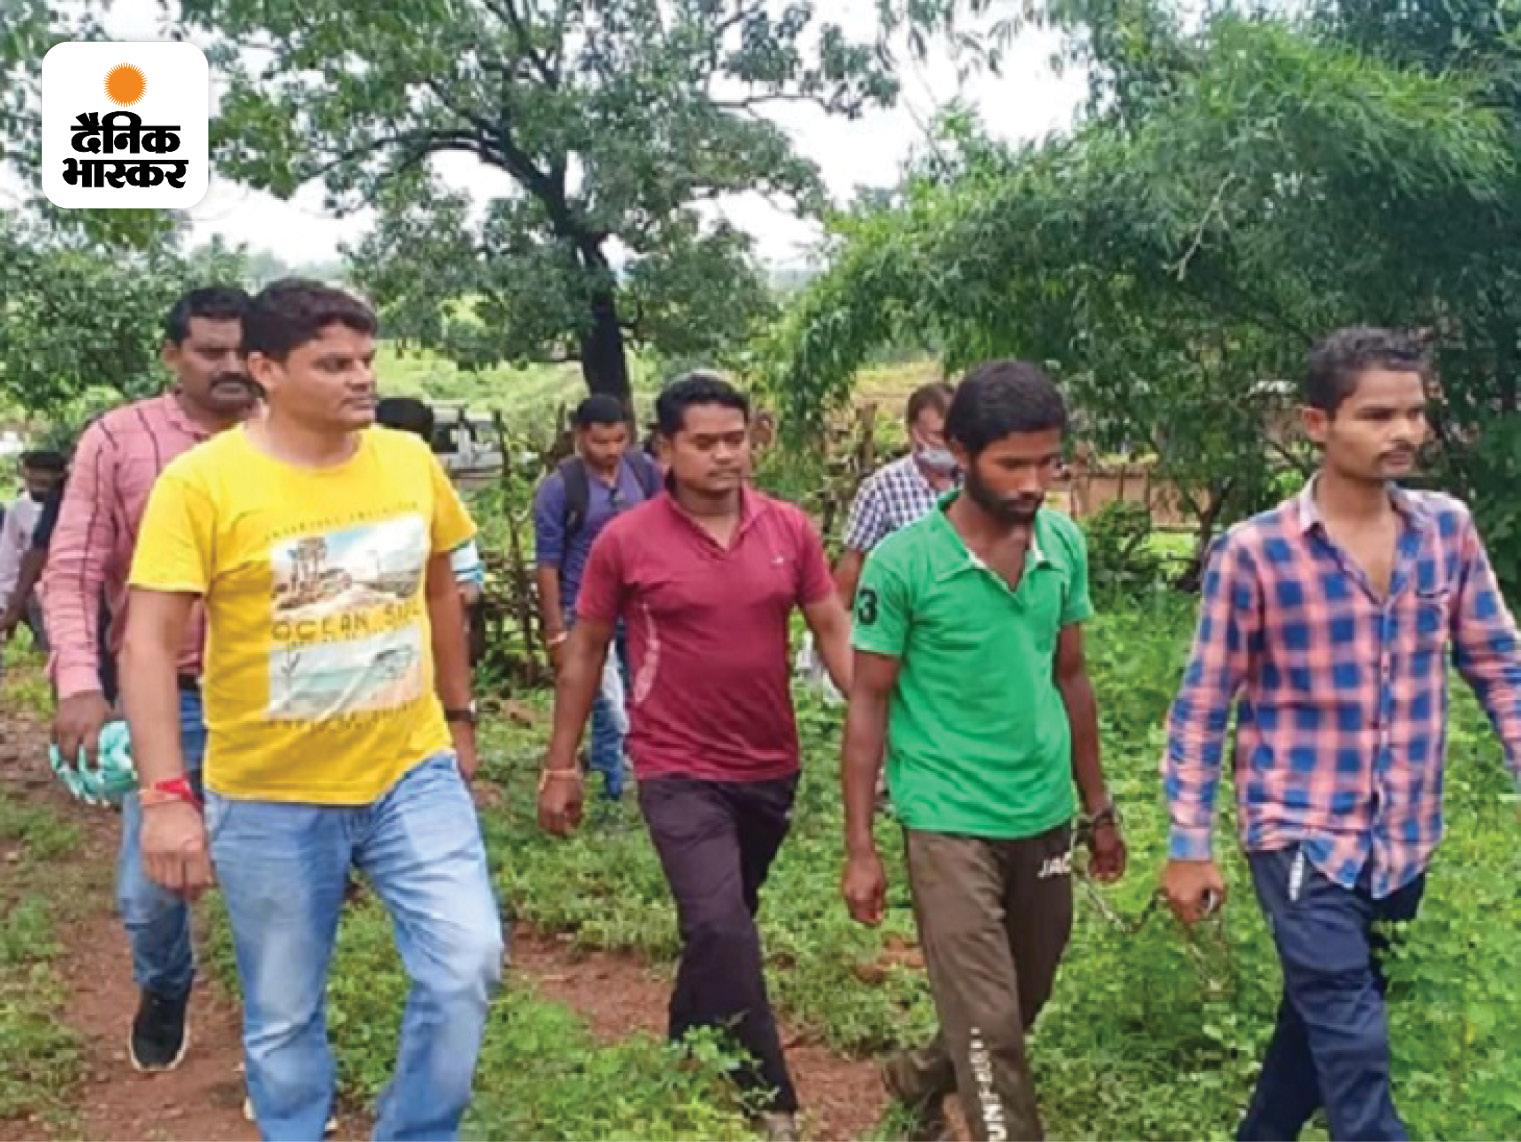 युवक ने रस्सी से गला घोंट कर दफनाया, 3 दिन बाद लापता होने की बात कह ग्रामीणों के साथ ढूंढने निकला; शव देख बोला- मैंने ही मारा छत्तीसगढ़,Chhattisgarh - Dainik Bhaskar